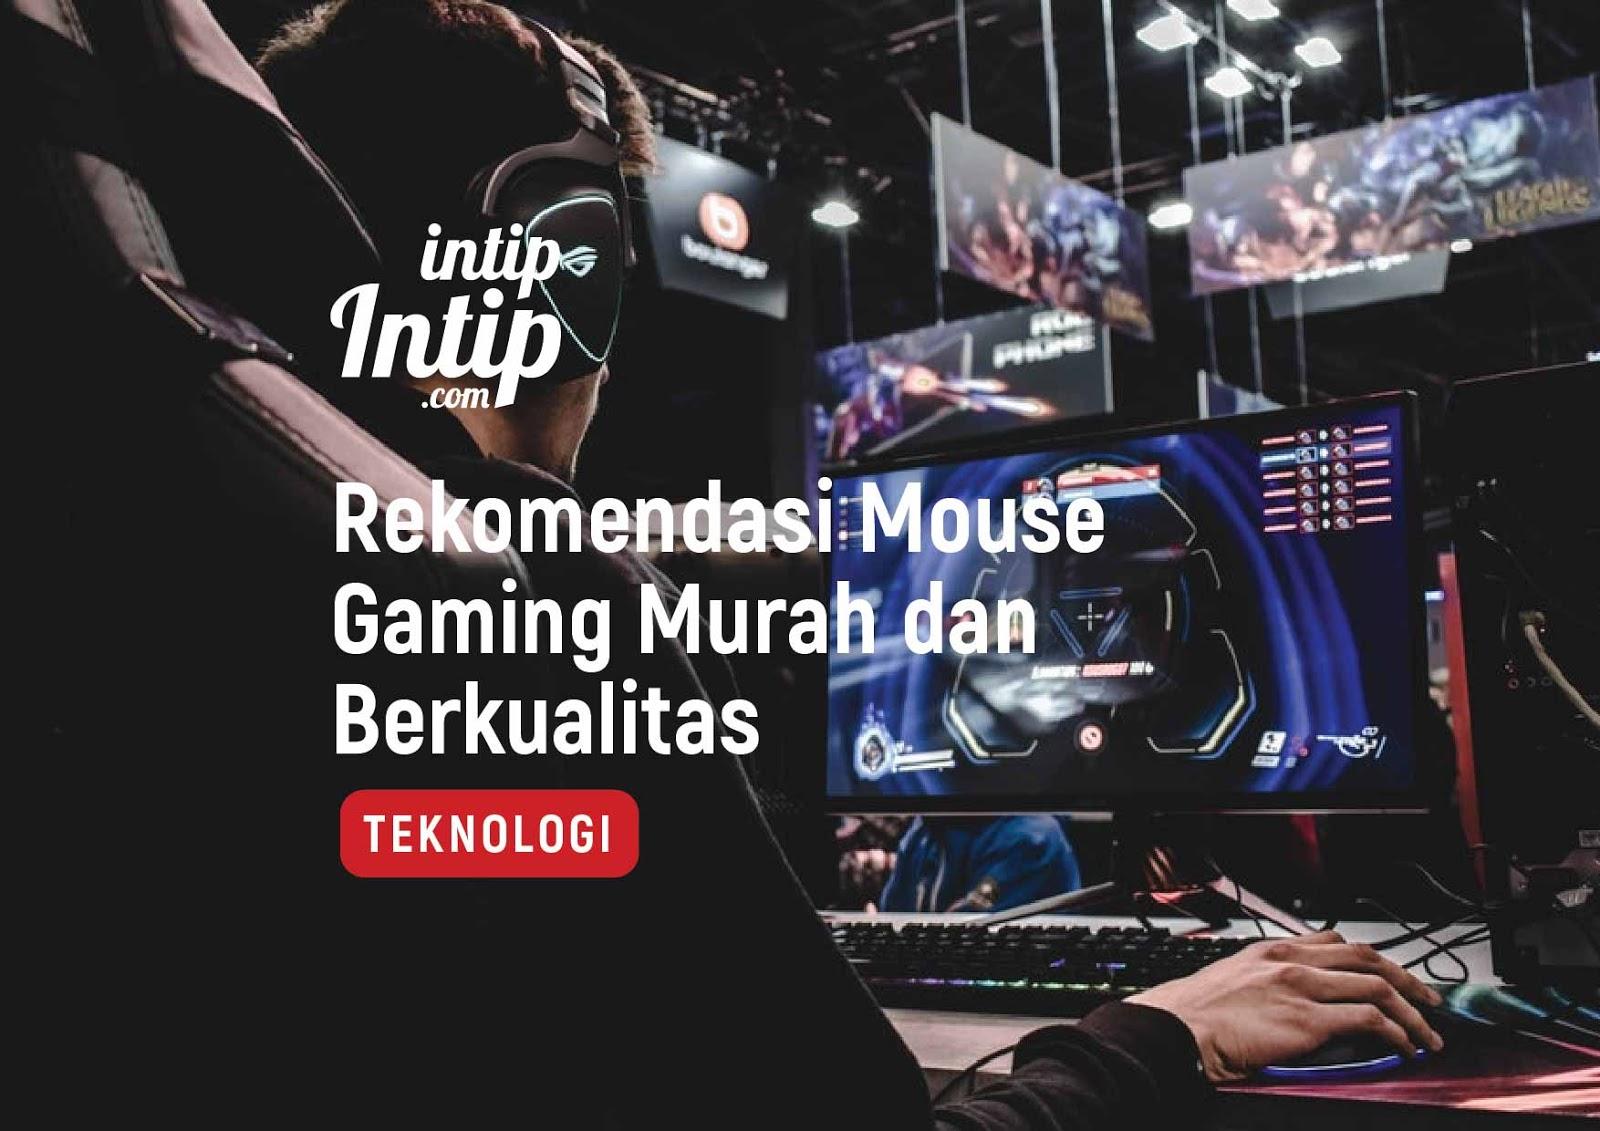 Rekomendasi Mouse Gaming Murah dan Berkualitas